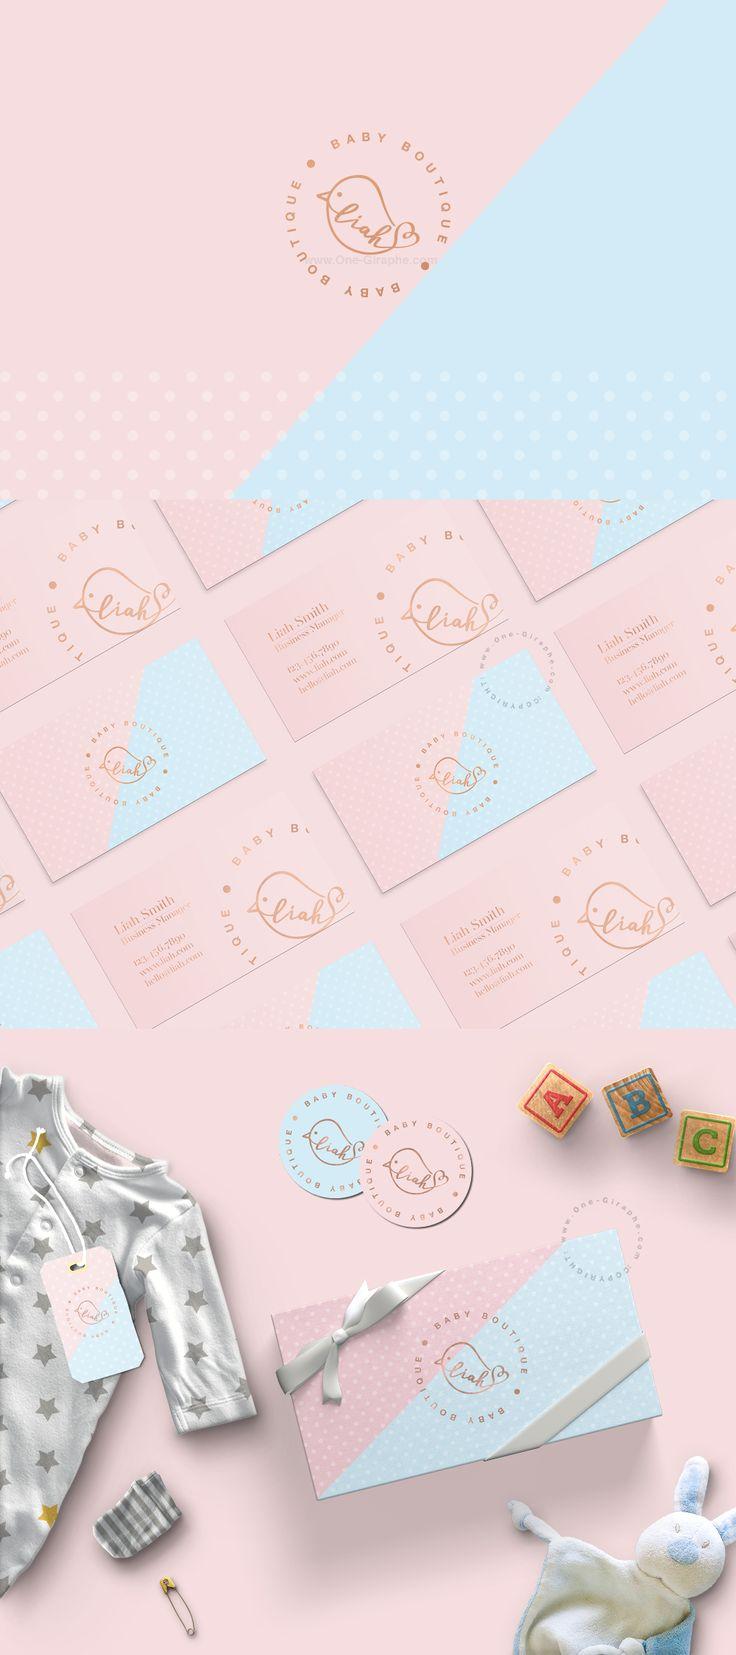 Liah- Baby Boutique- logo for sale! http://one-giraphe.com/prev.php?c=230 #baby #logo #etsy #etsyseller #nursery #sweet #love #logodesign #behance #inspiration #love #babylogo #angel #graphic #graphicdesign #logo #logos